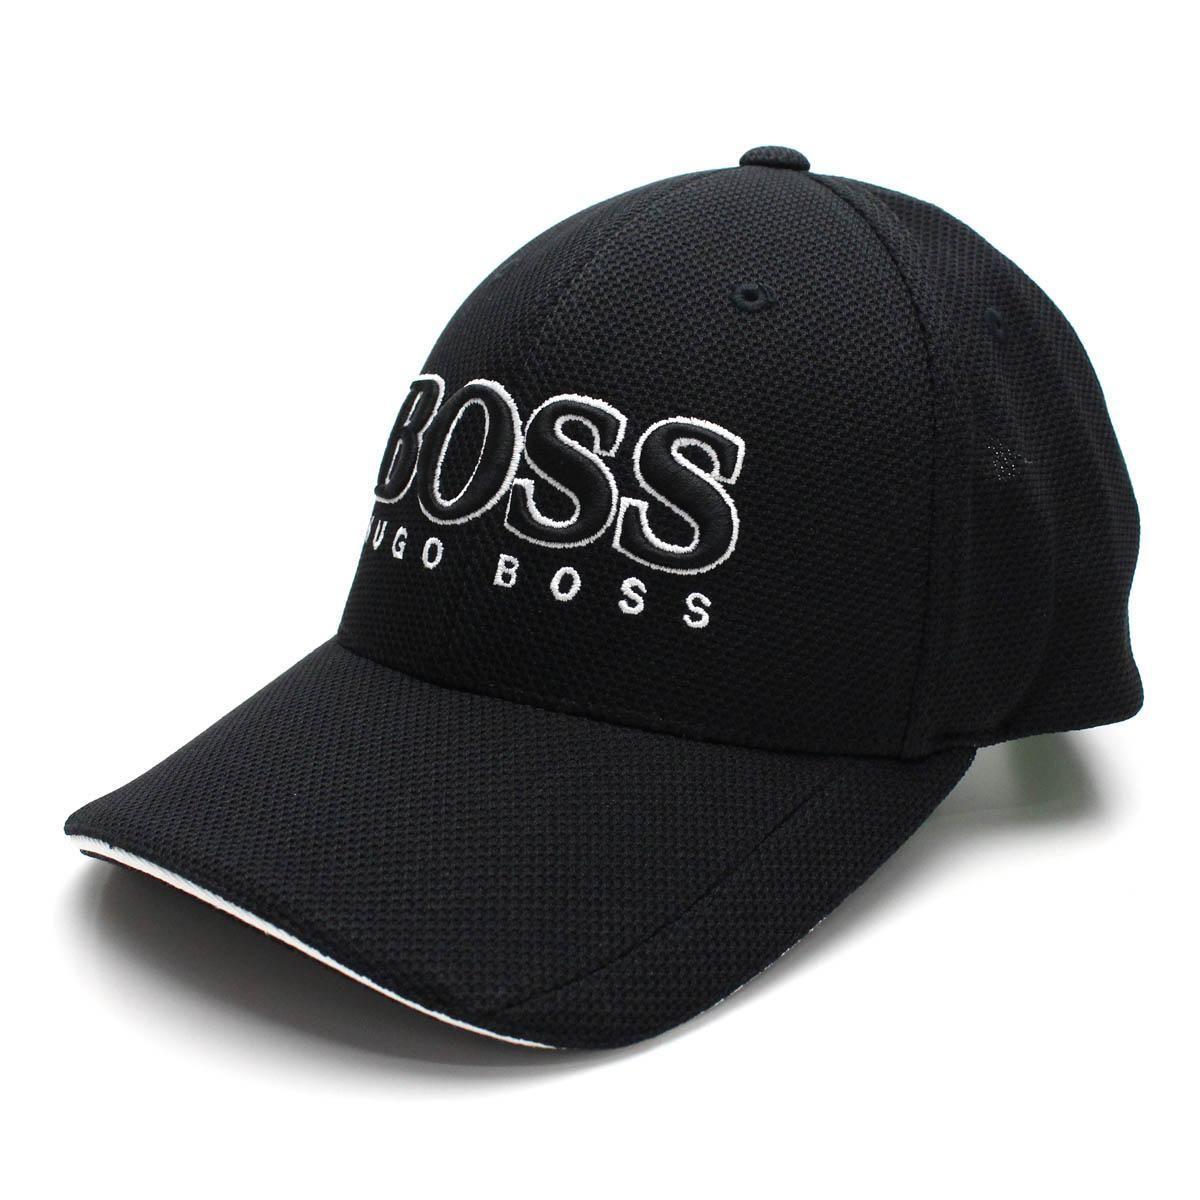 ヒューゴ・ボス (HUGO BOSS) CAP US キャップ メンズ 帽子 50251244 10165424 100 ブラック